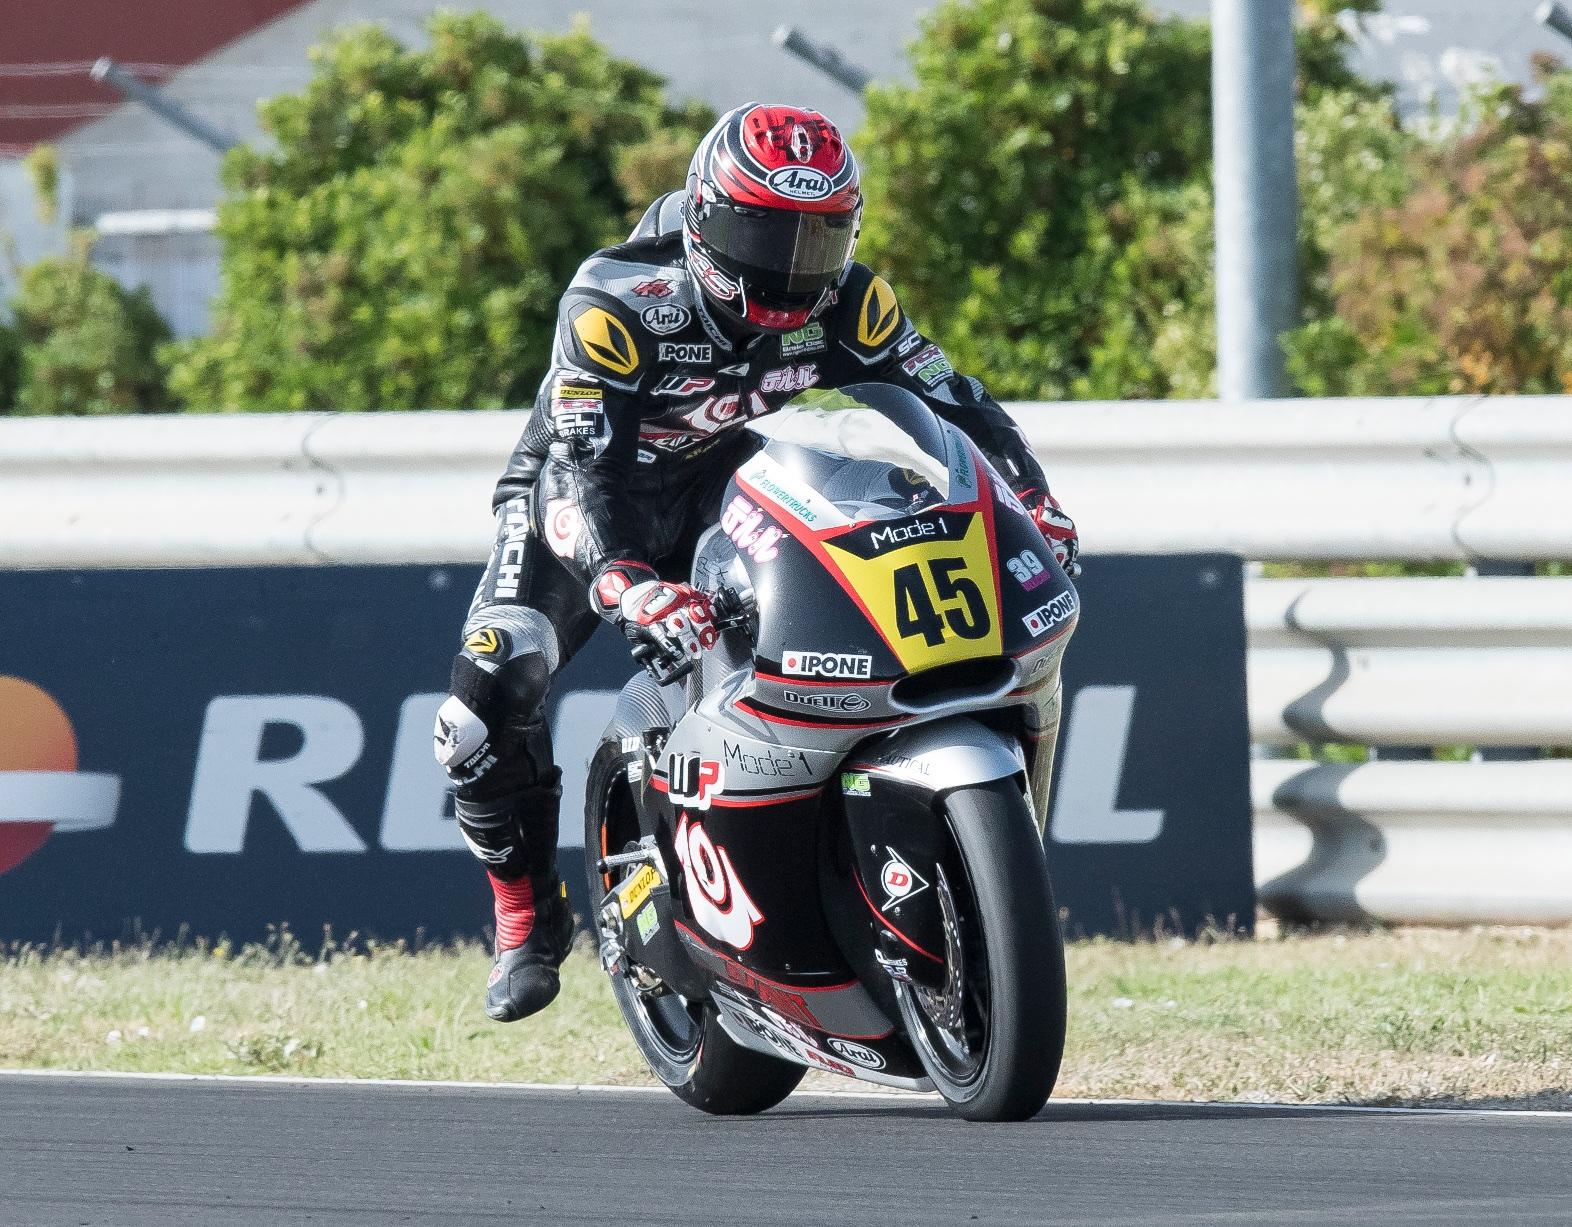 Los pilotos japoneses vuelven a hacer podio en Moto2 y Moto3